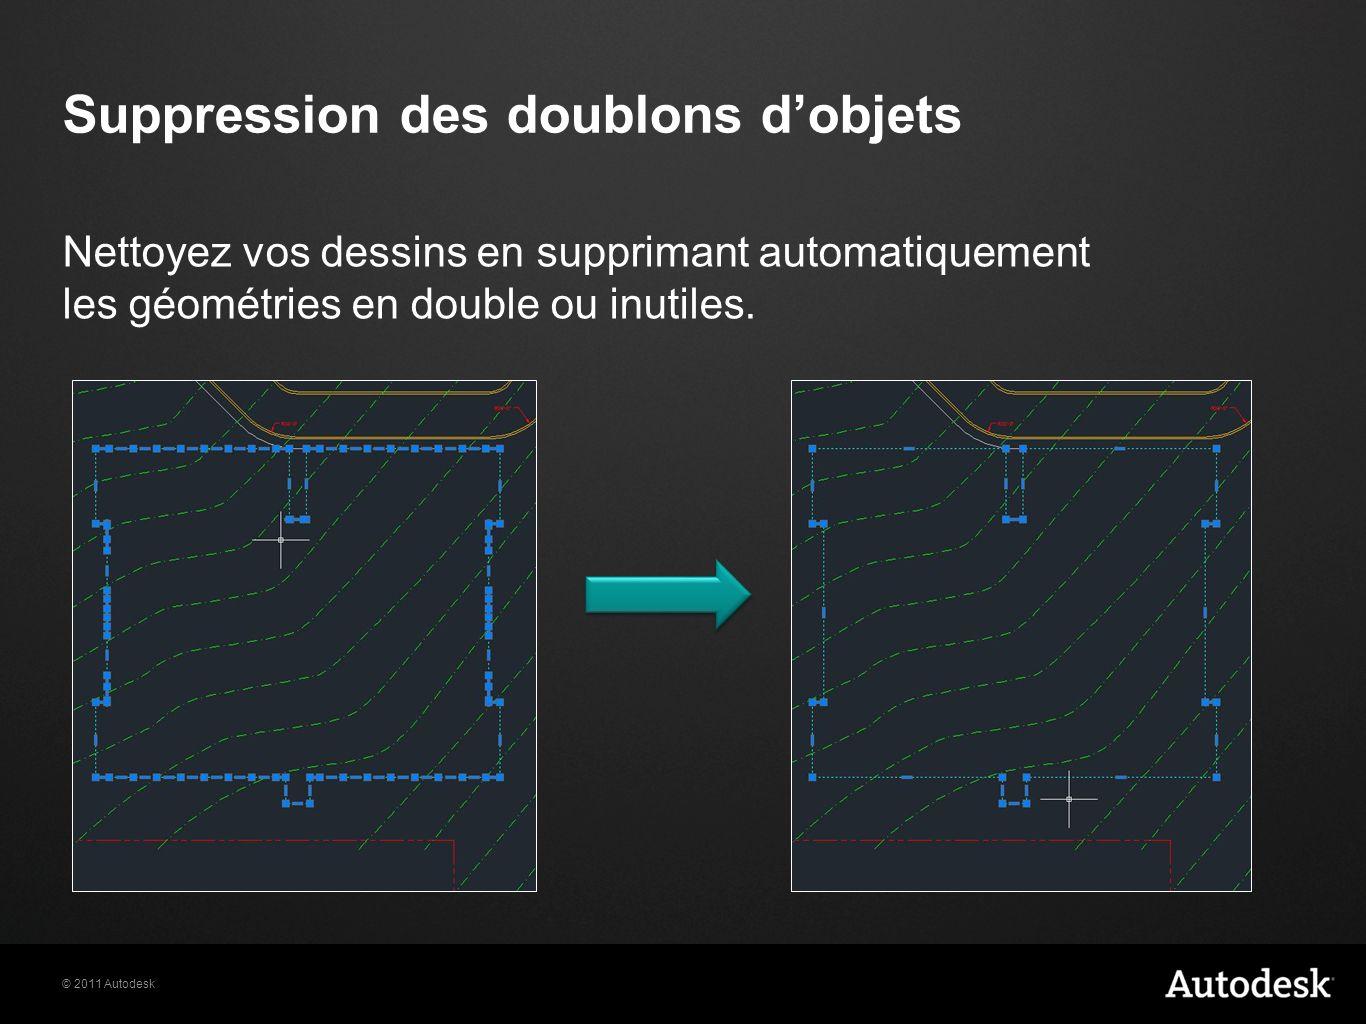 © 2011 Autodesk Suppression des doublons dobjets Nettoyez vos dessins en supprimant automatiquement les géométries en double ou inutiles.